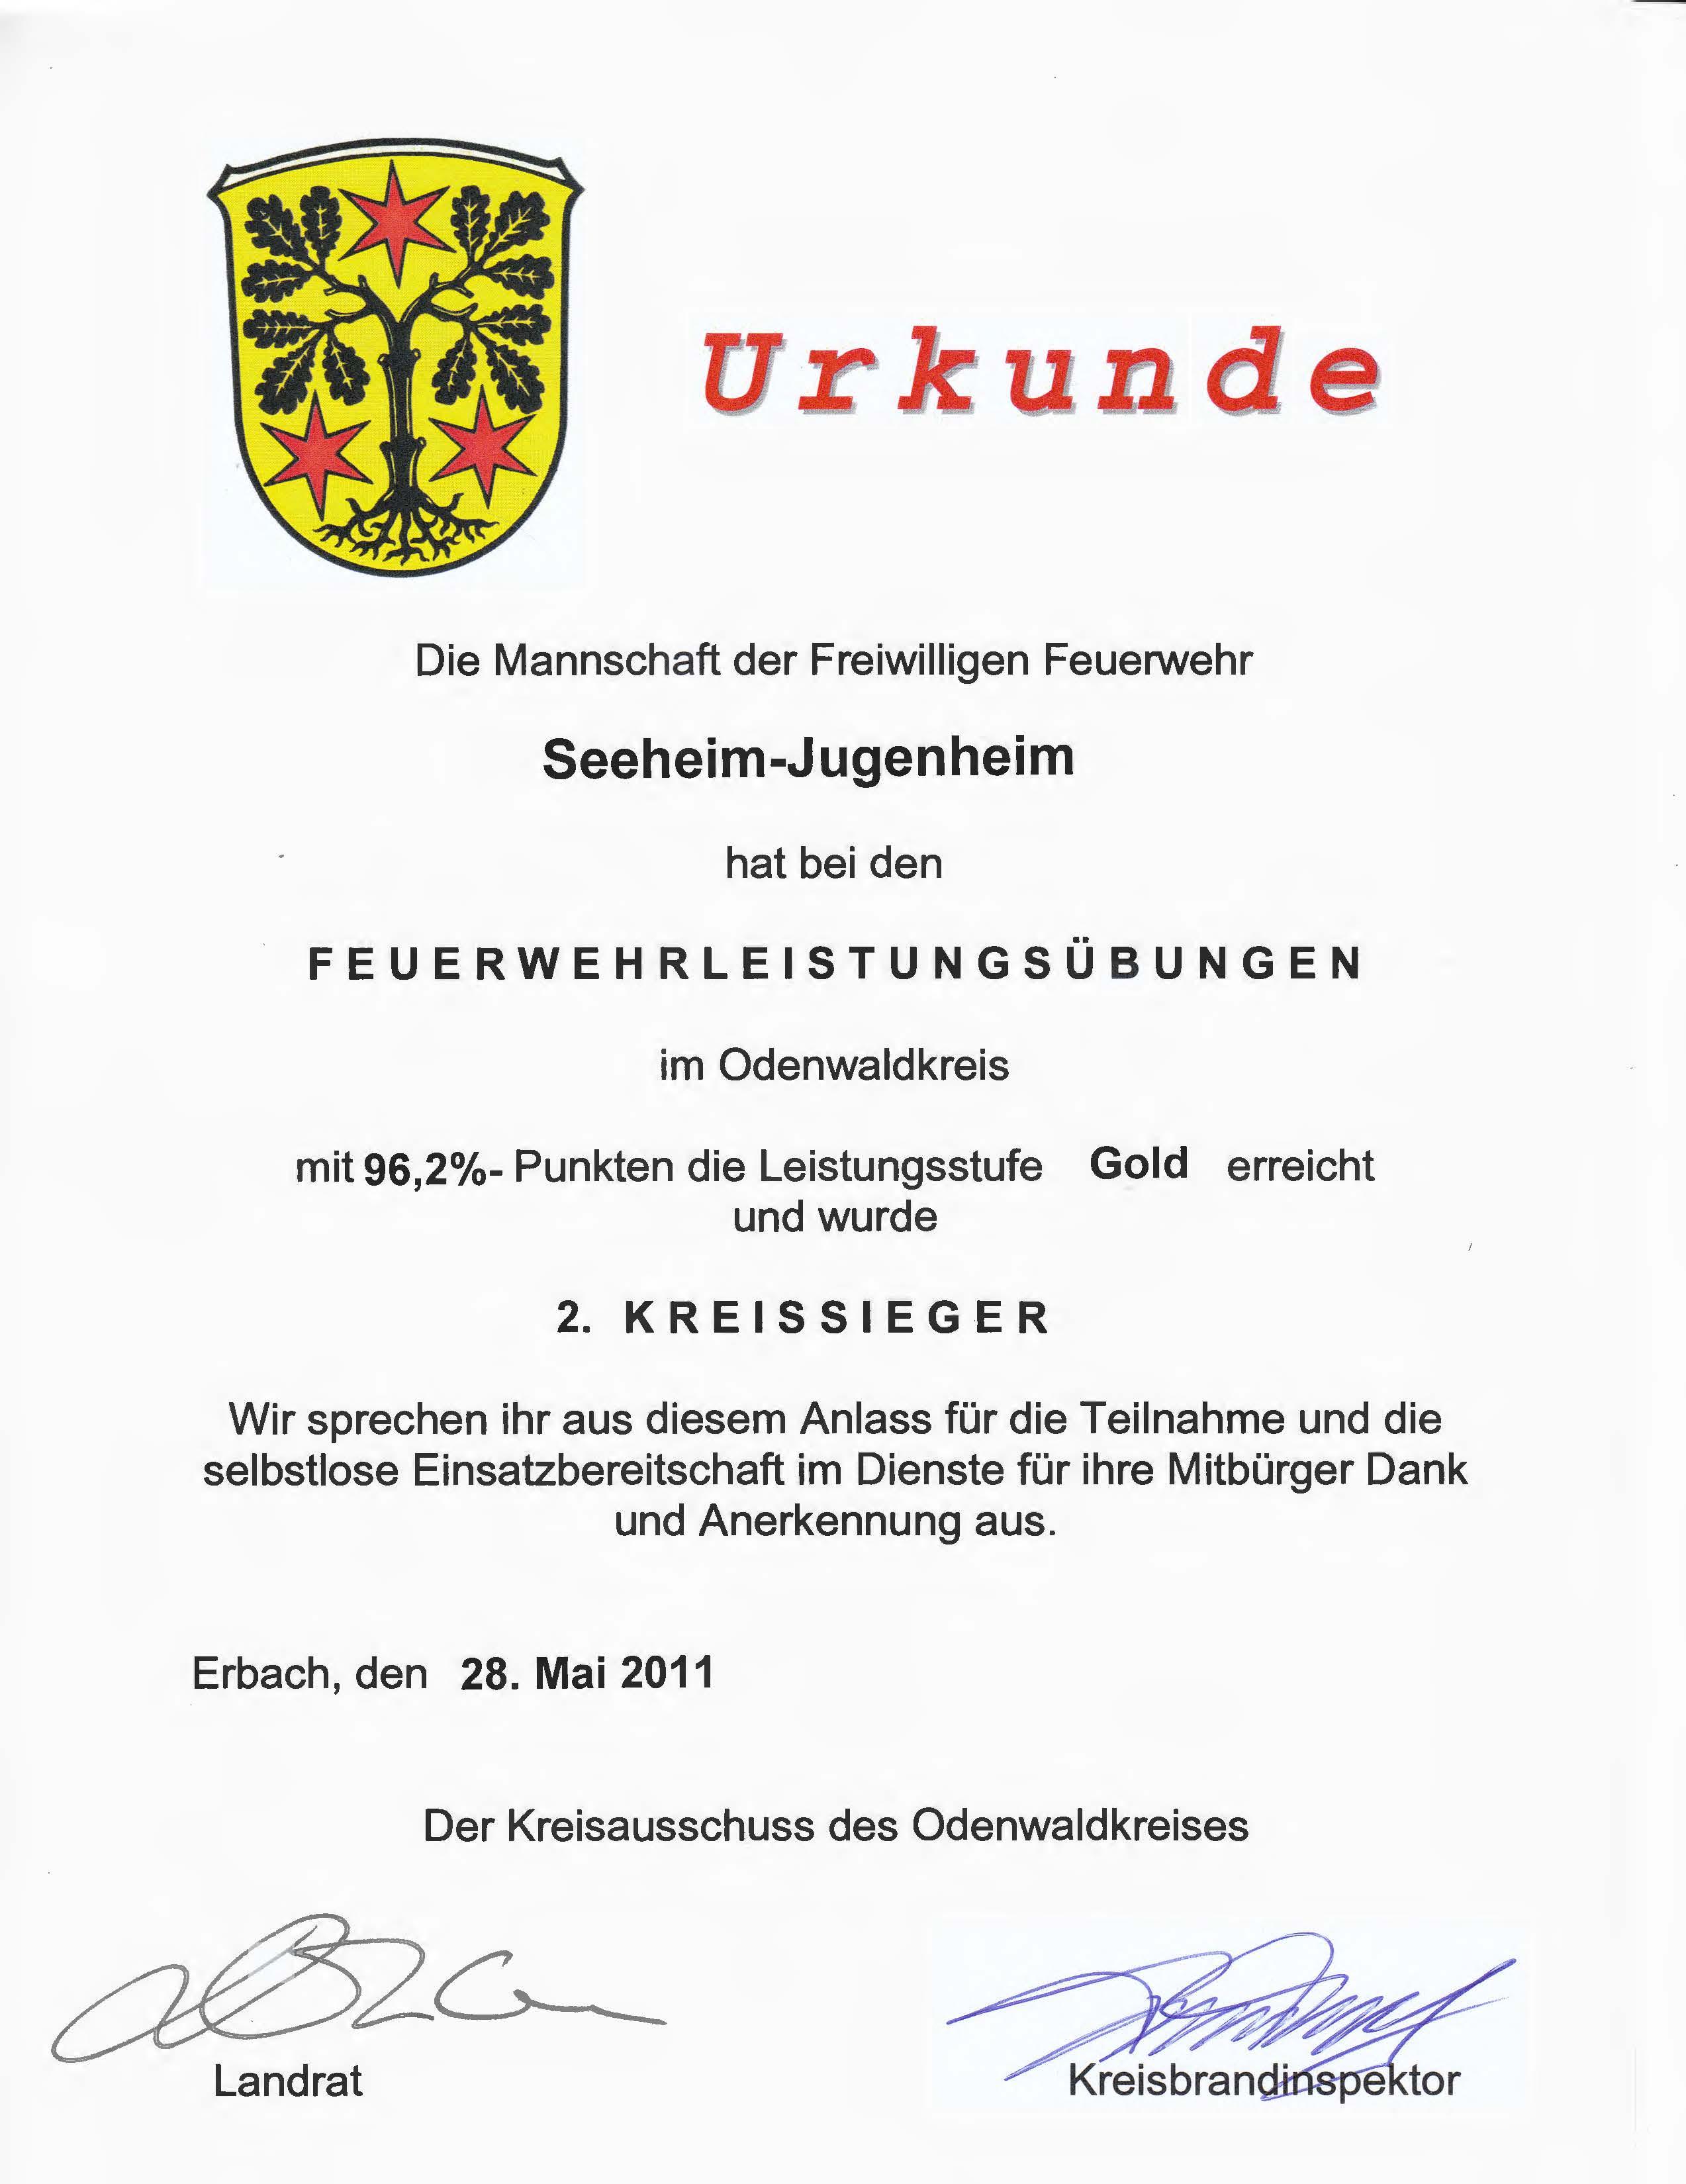 2011_hflue_kreisentscheid_urkunde